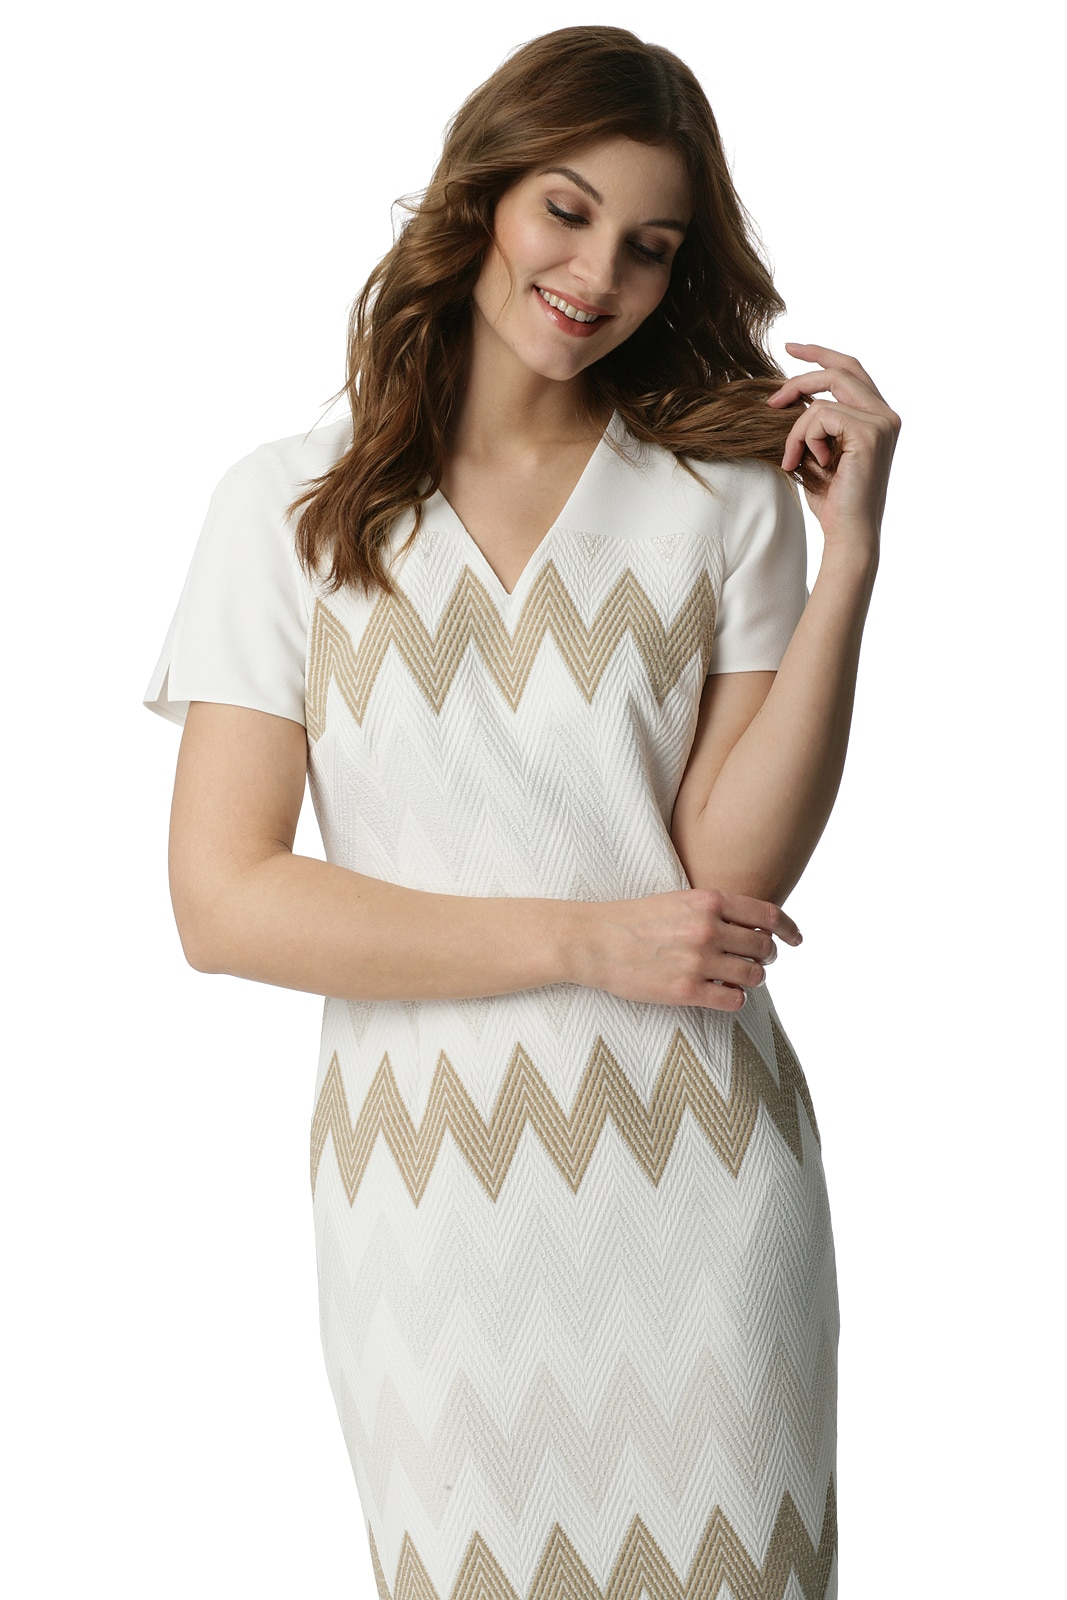 bd73d46227 Sukienka w zygzaki Zyta - Modesta - ponad 30 lat na rynku